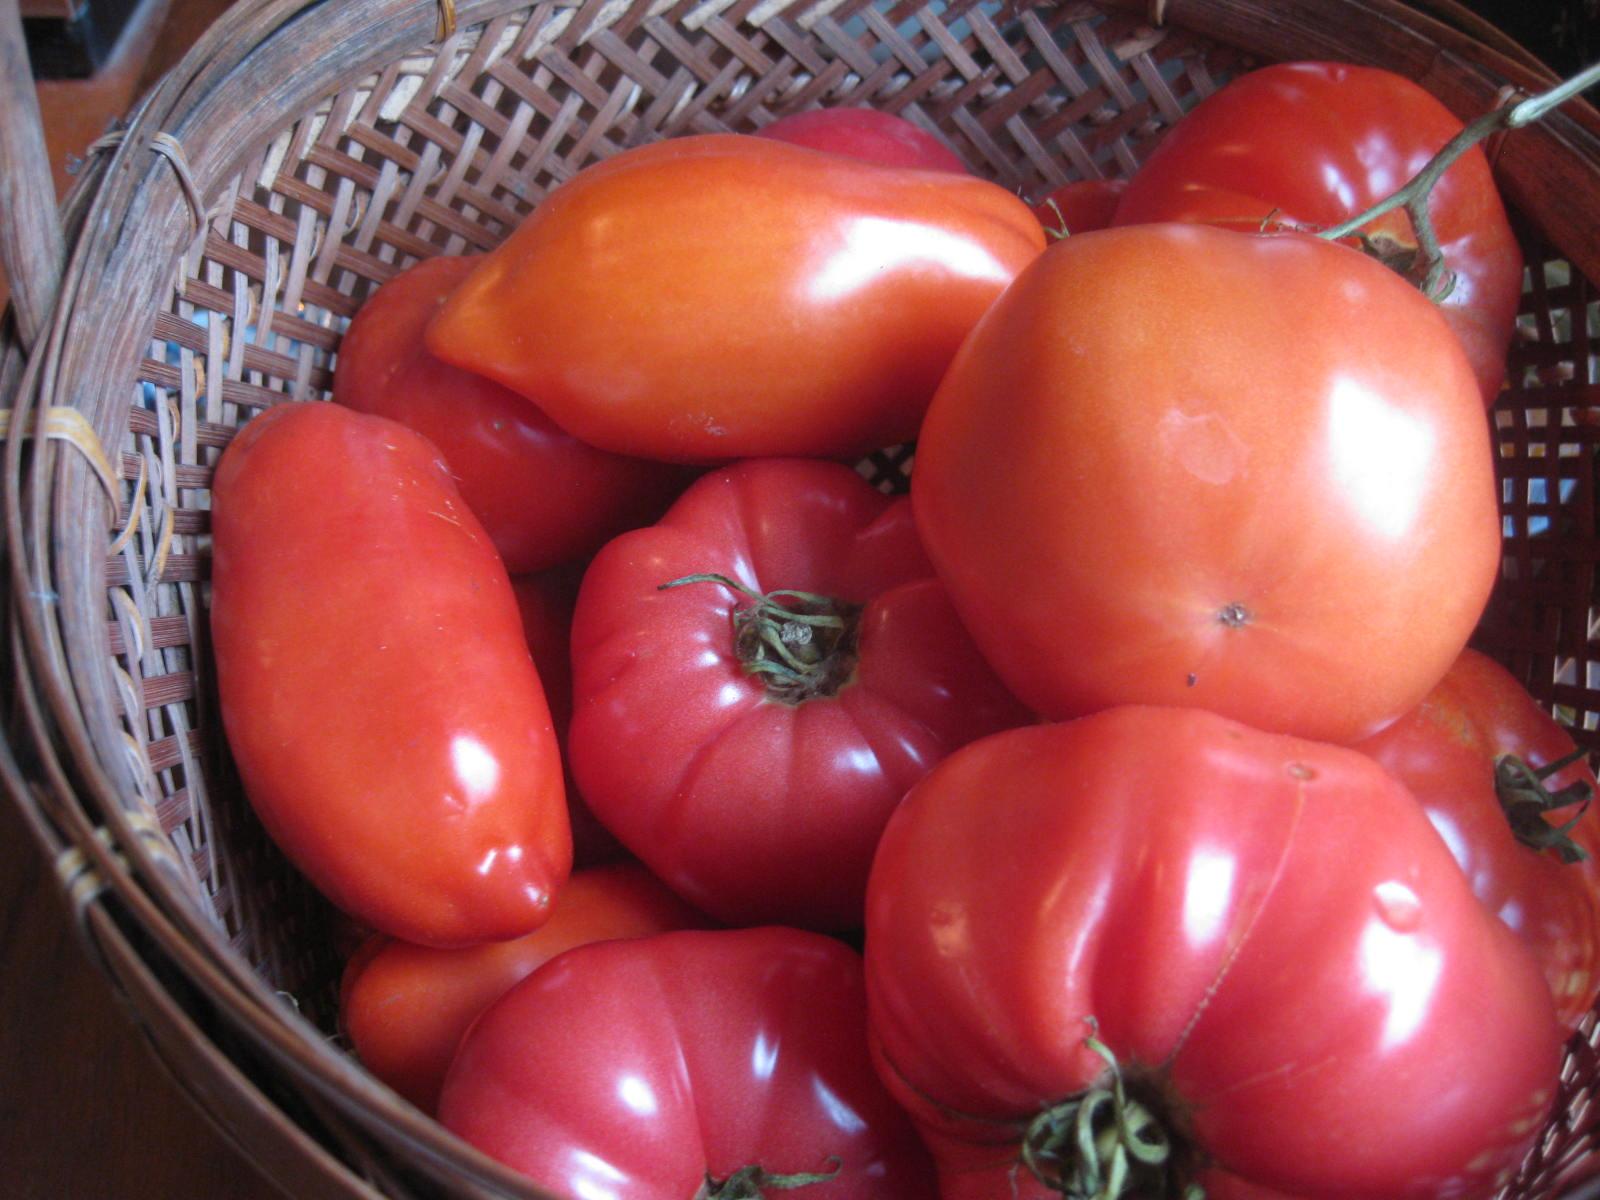 Tomato-mania!